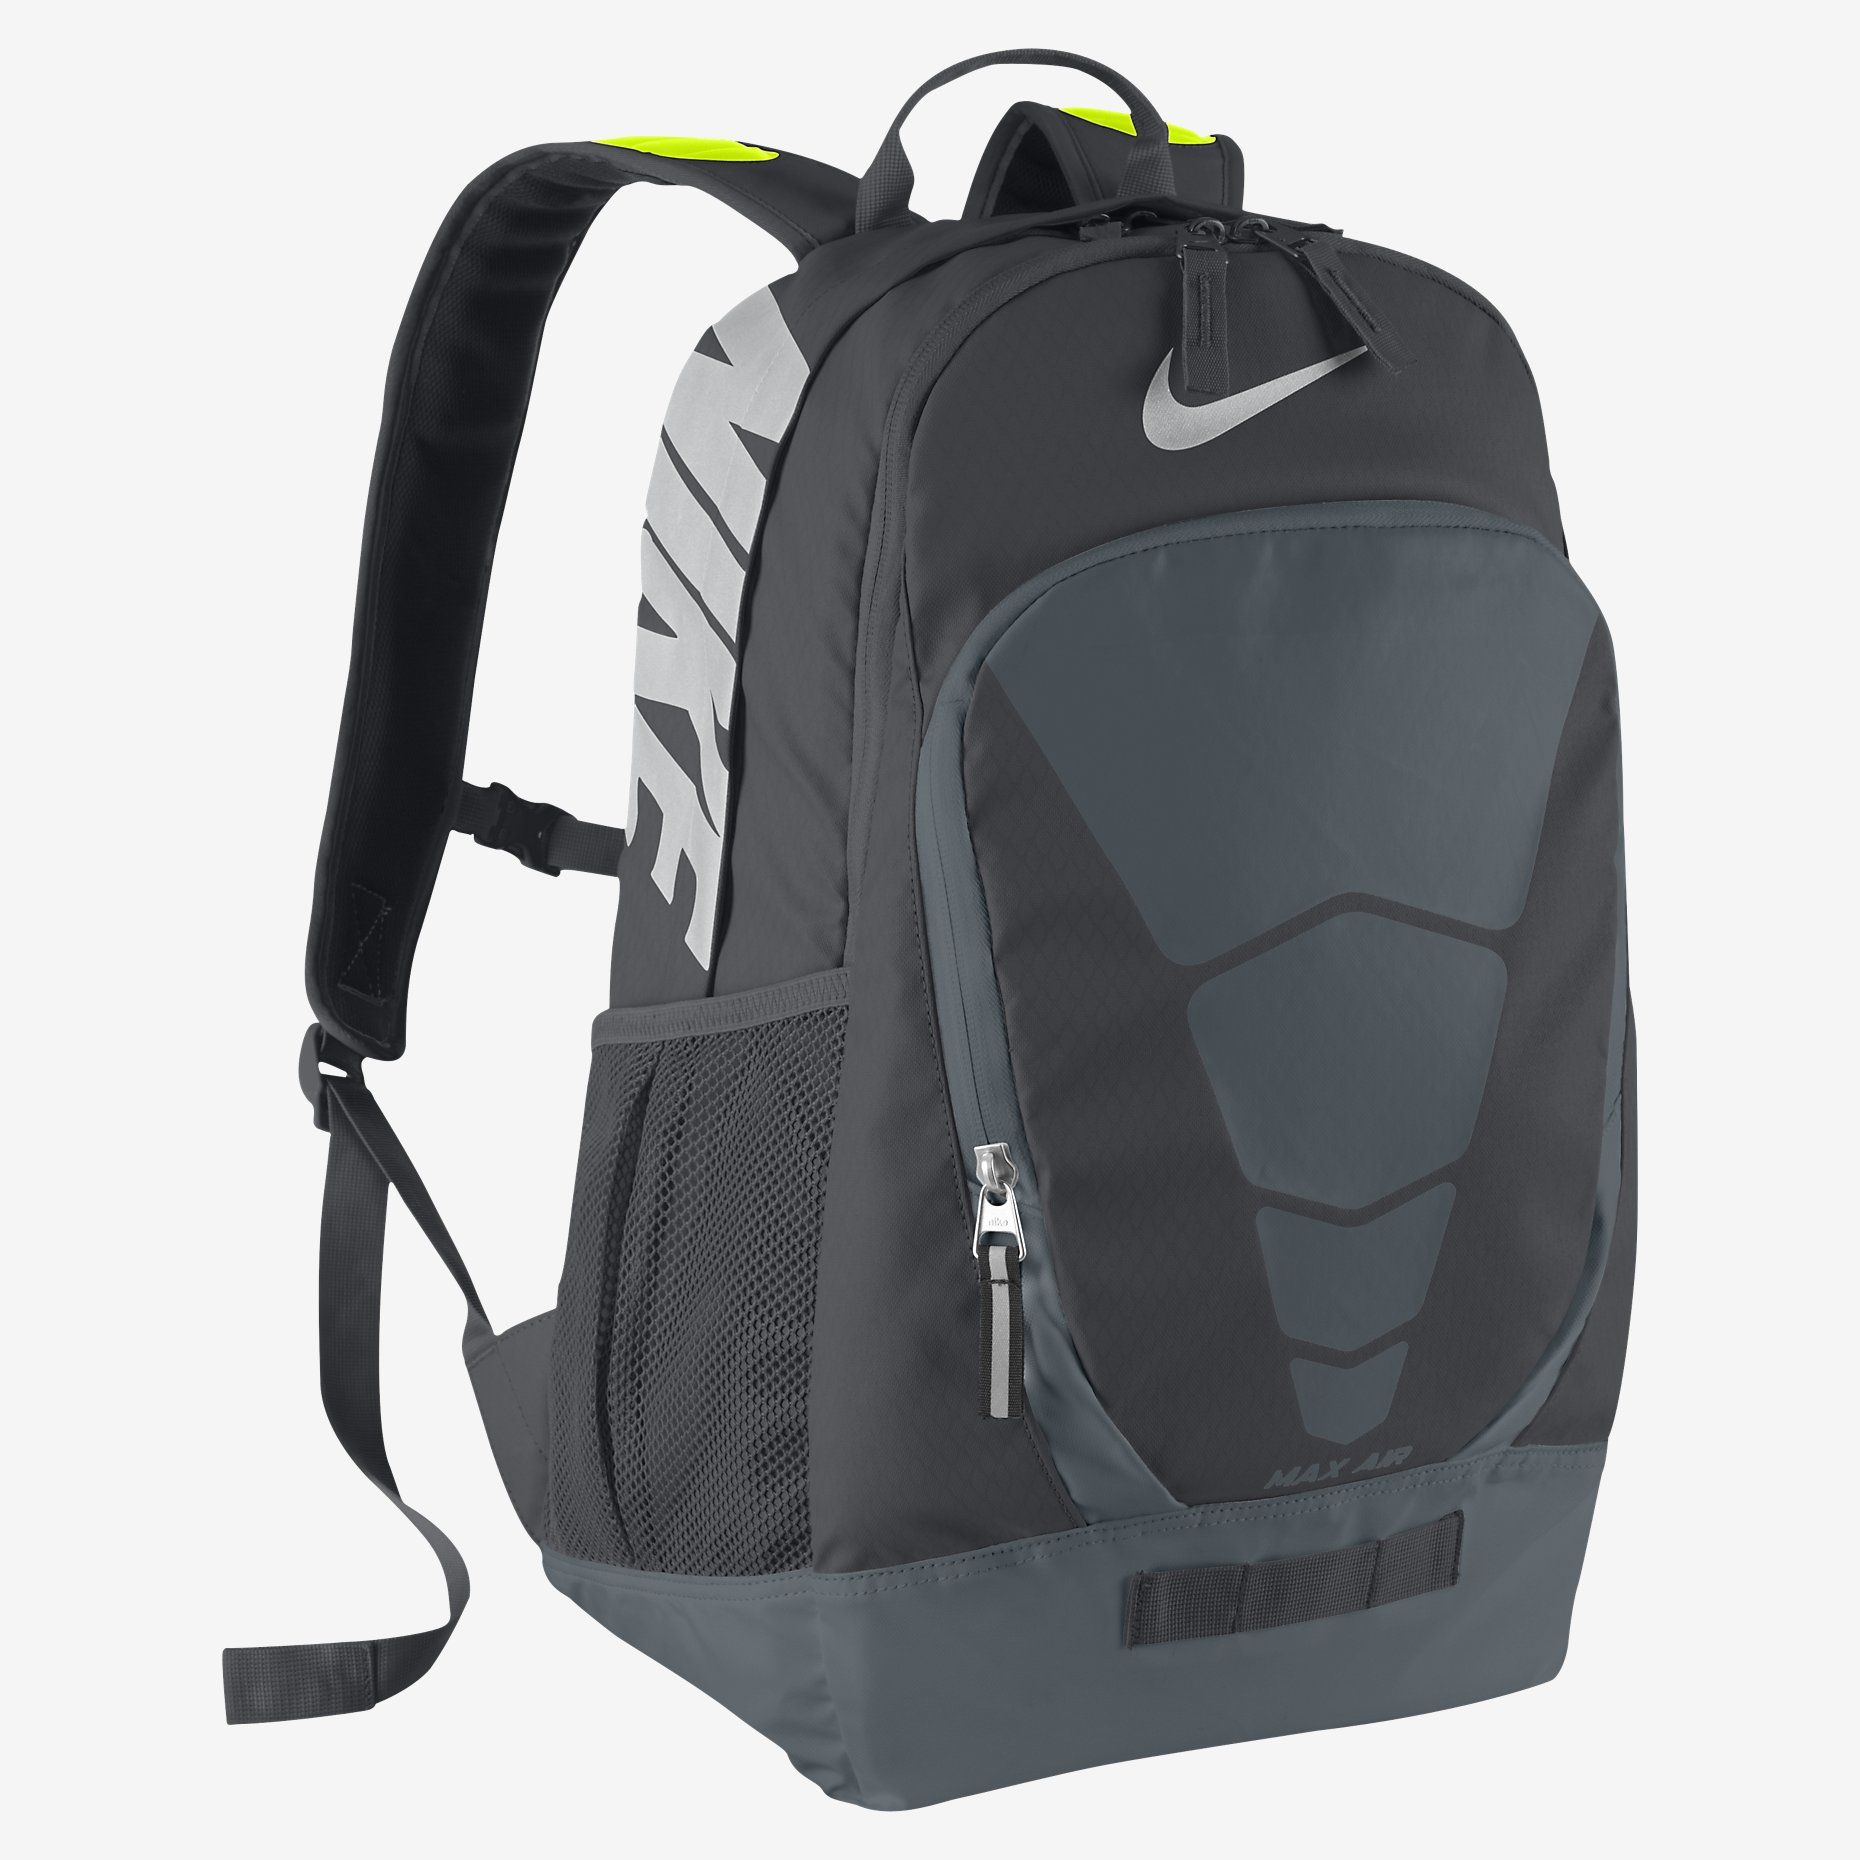 NIKE bag (UAE, Dubai) | Nike bags, Nike, Bags